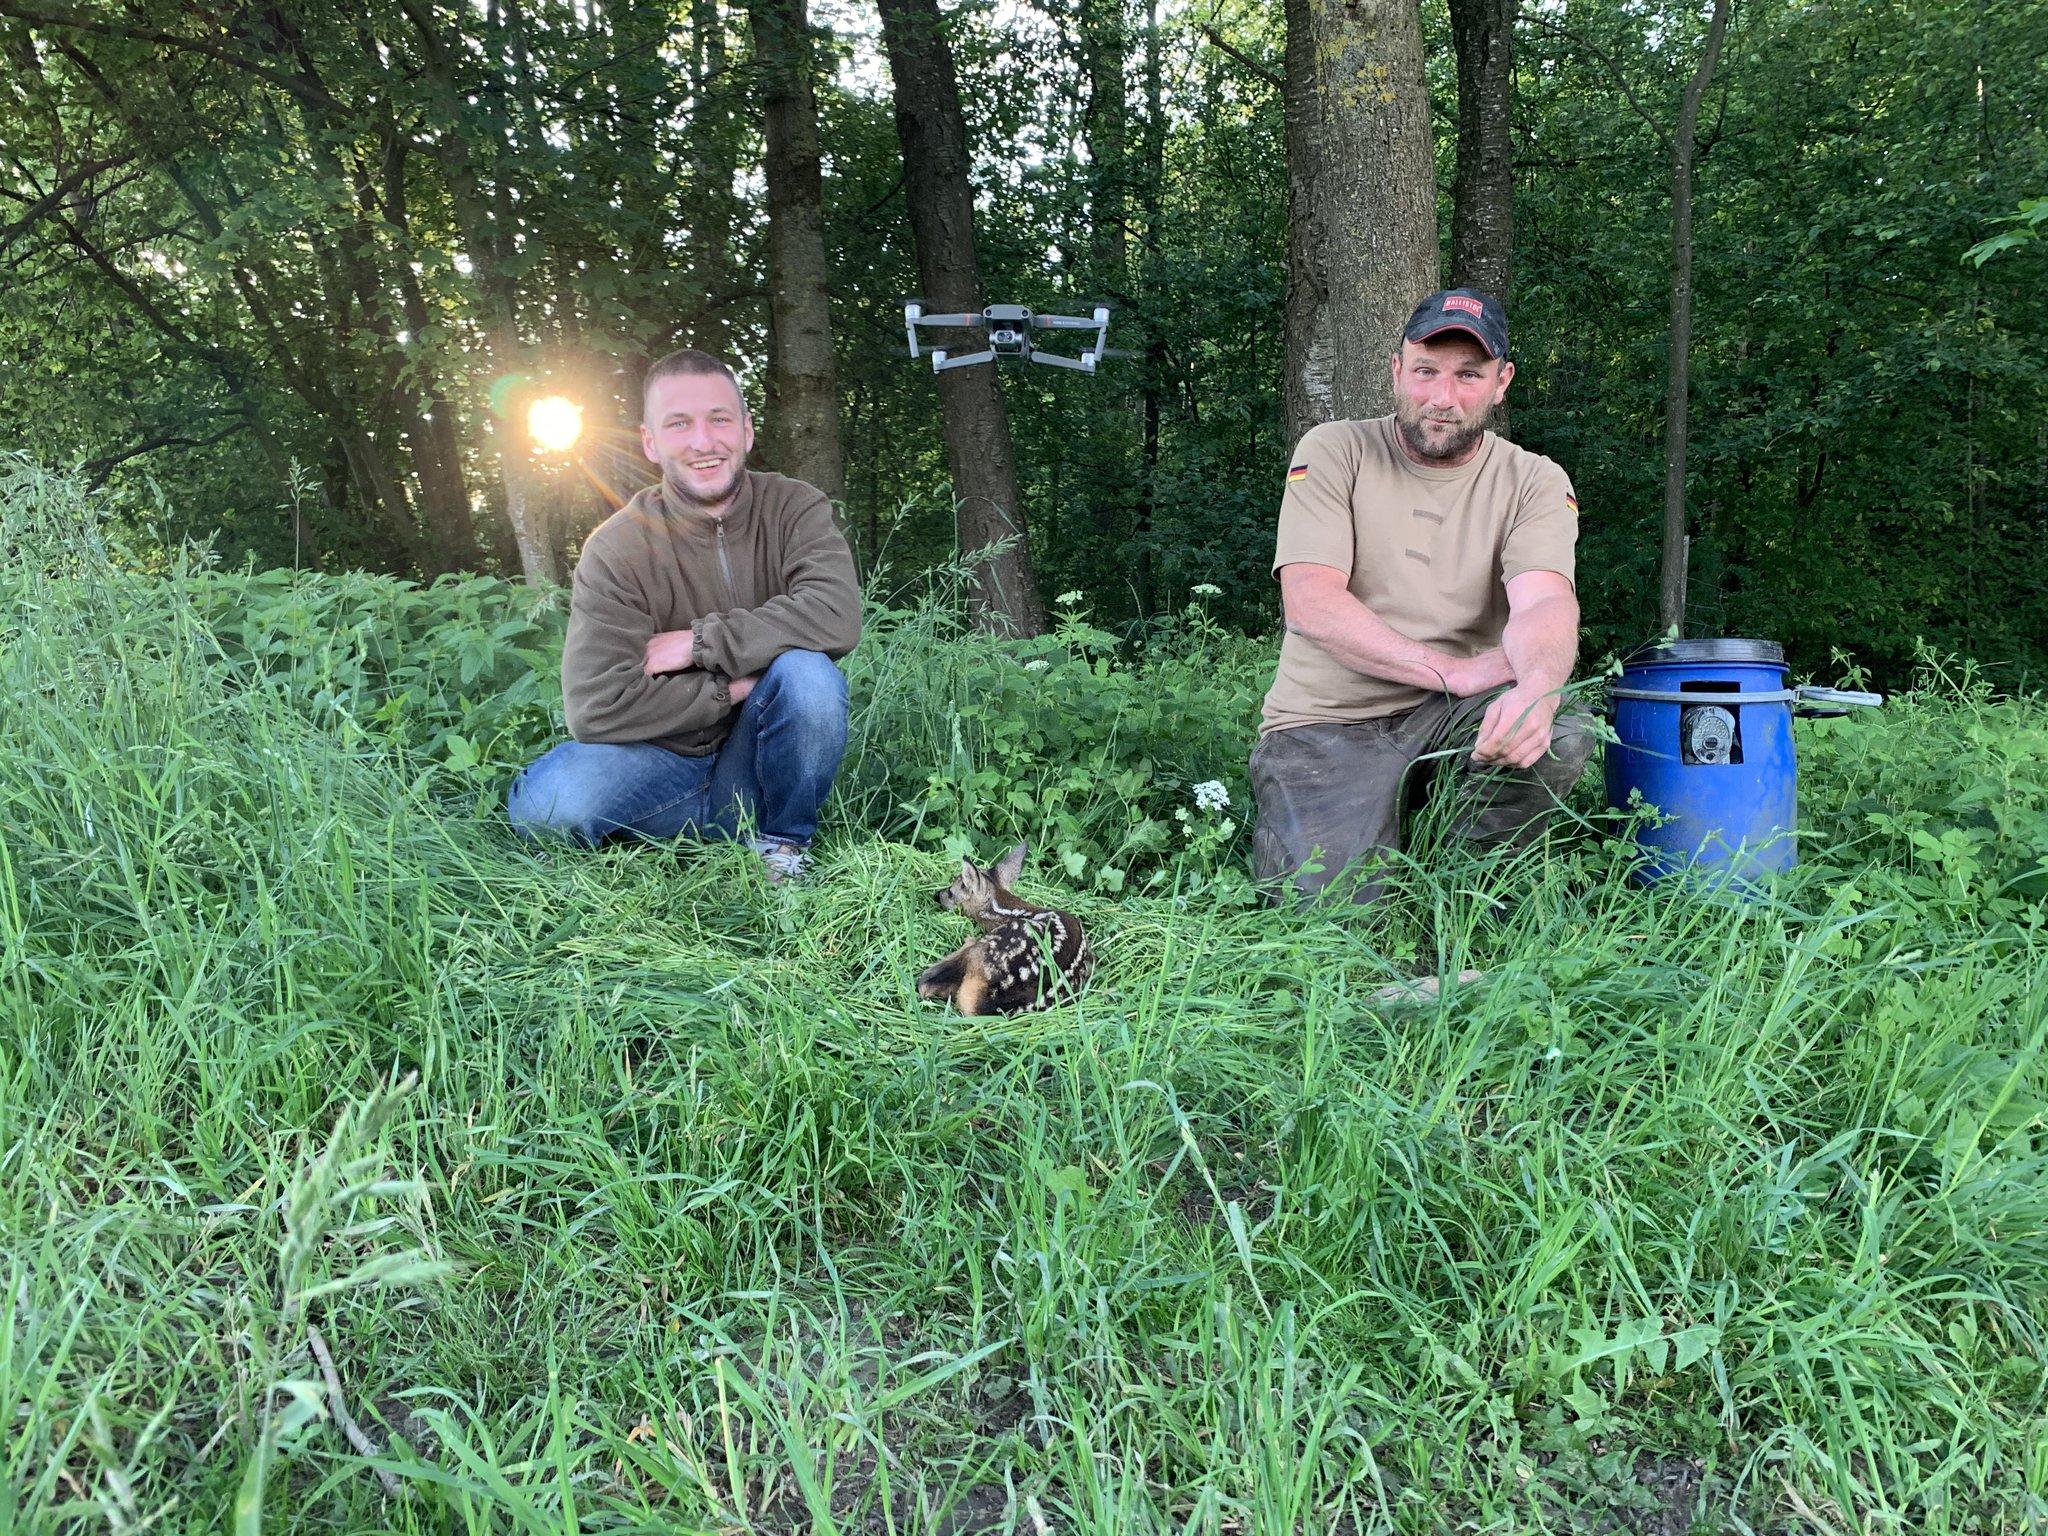 Jäger aus Taufkirchen und Andorf: Mit Drohne werden Rehkitze aufgespürt